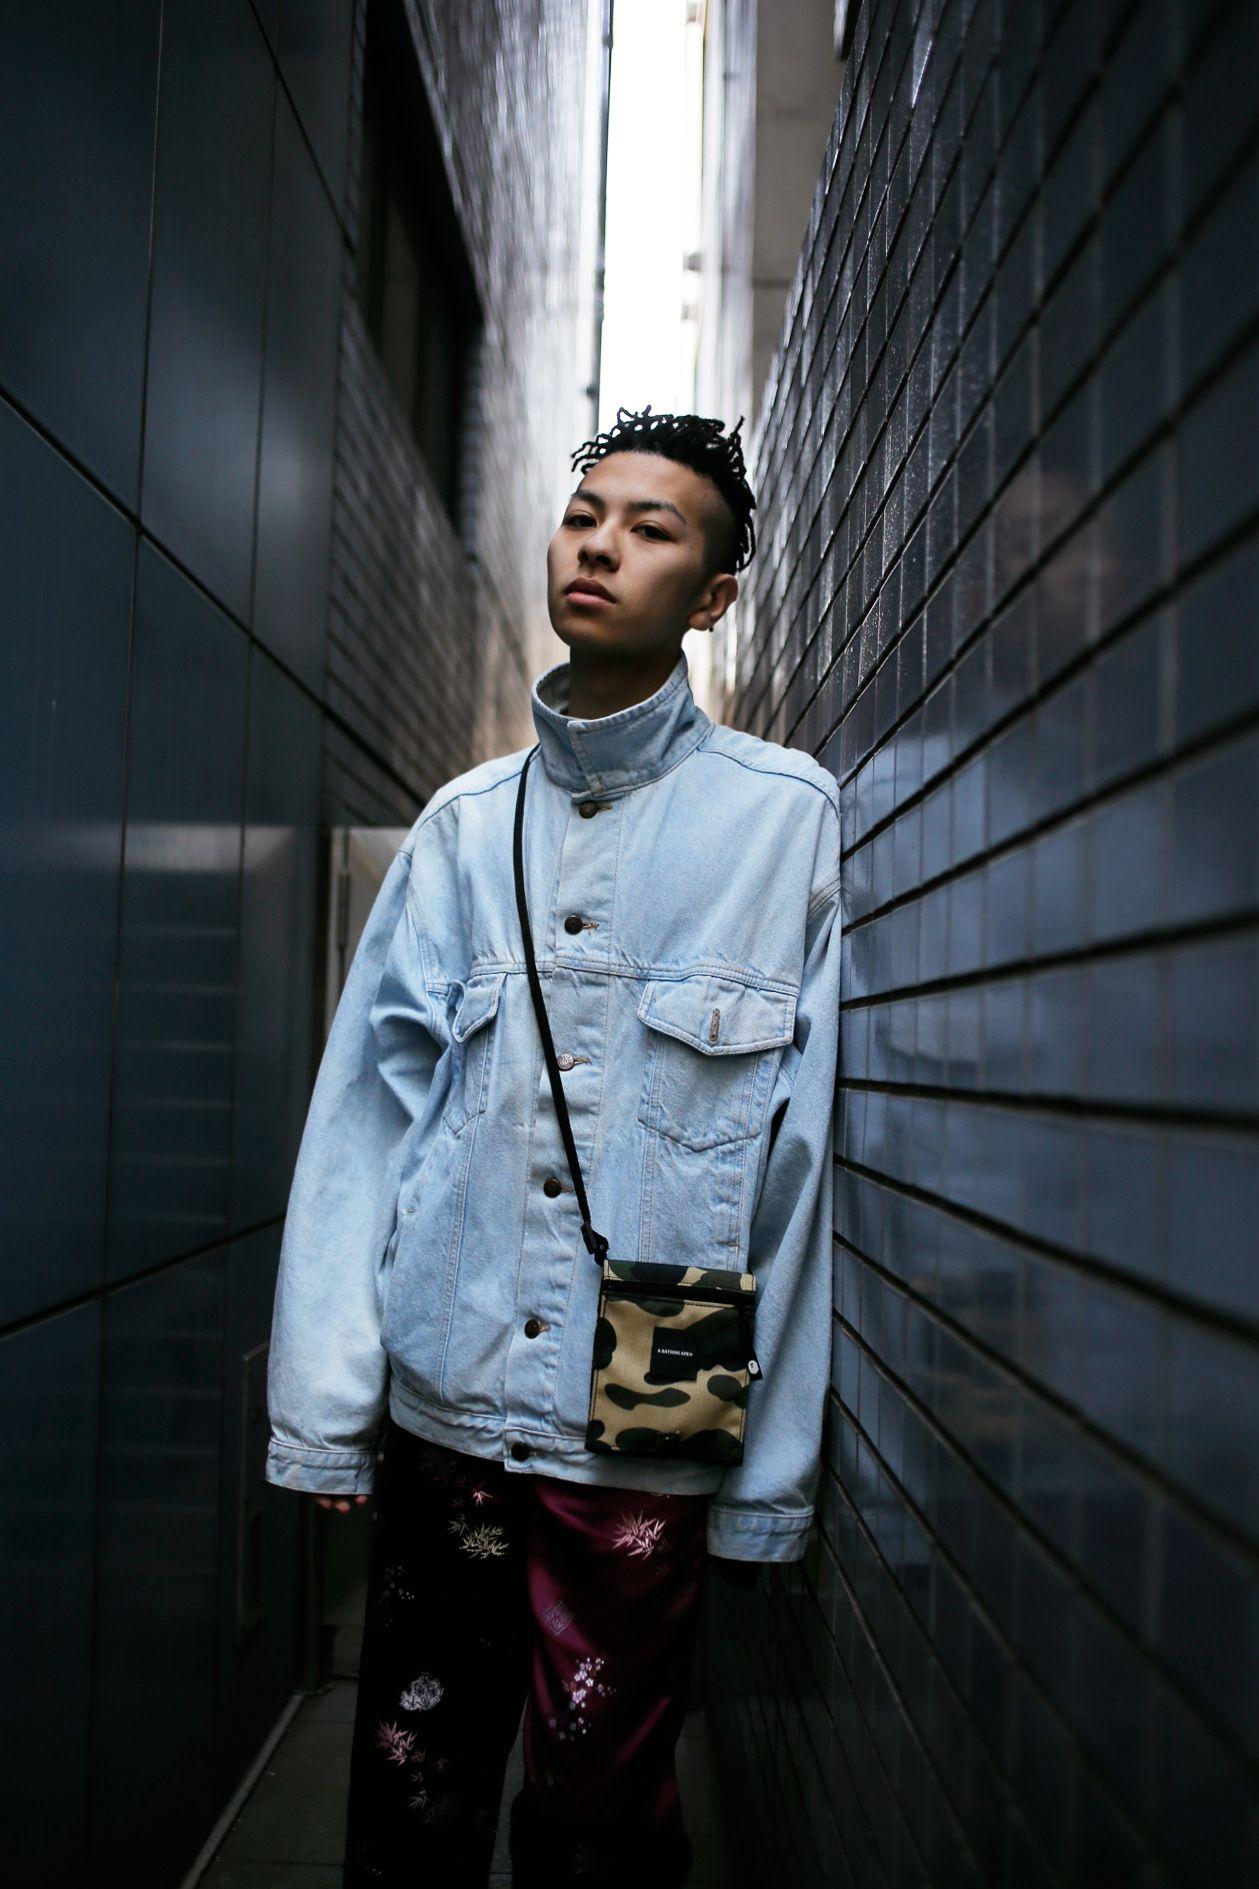 http://droptokyo.com/2016/12/24/dropsnap-hiyadam-rapper-7/